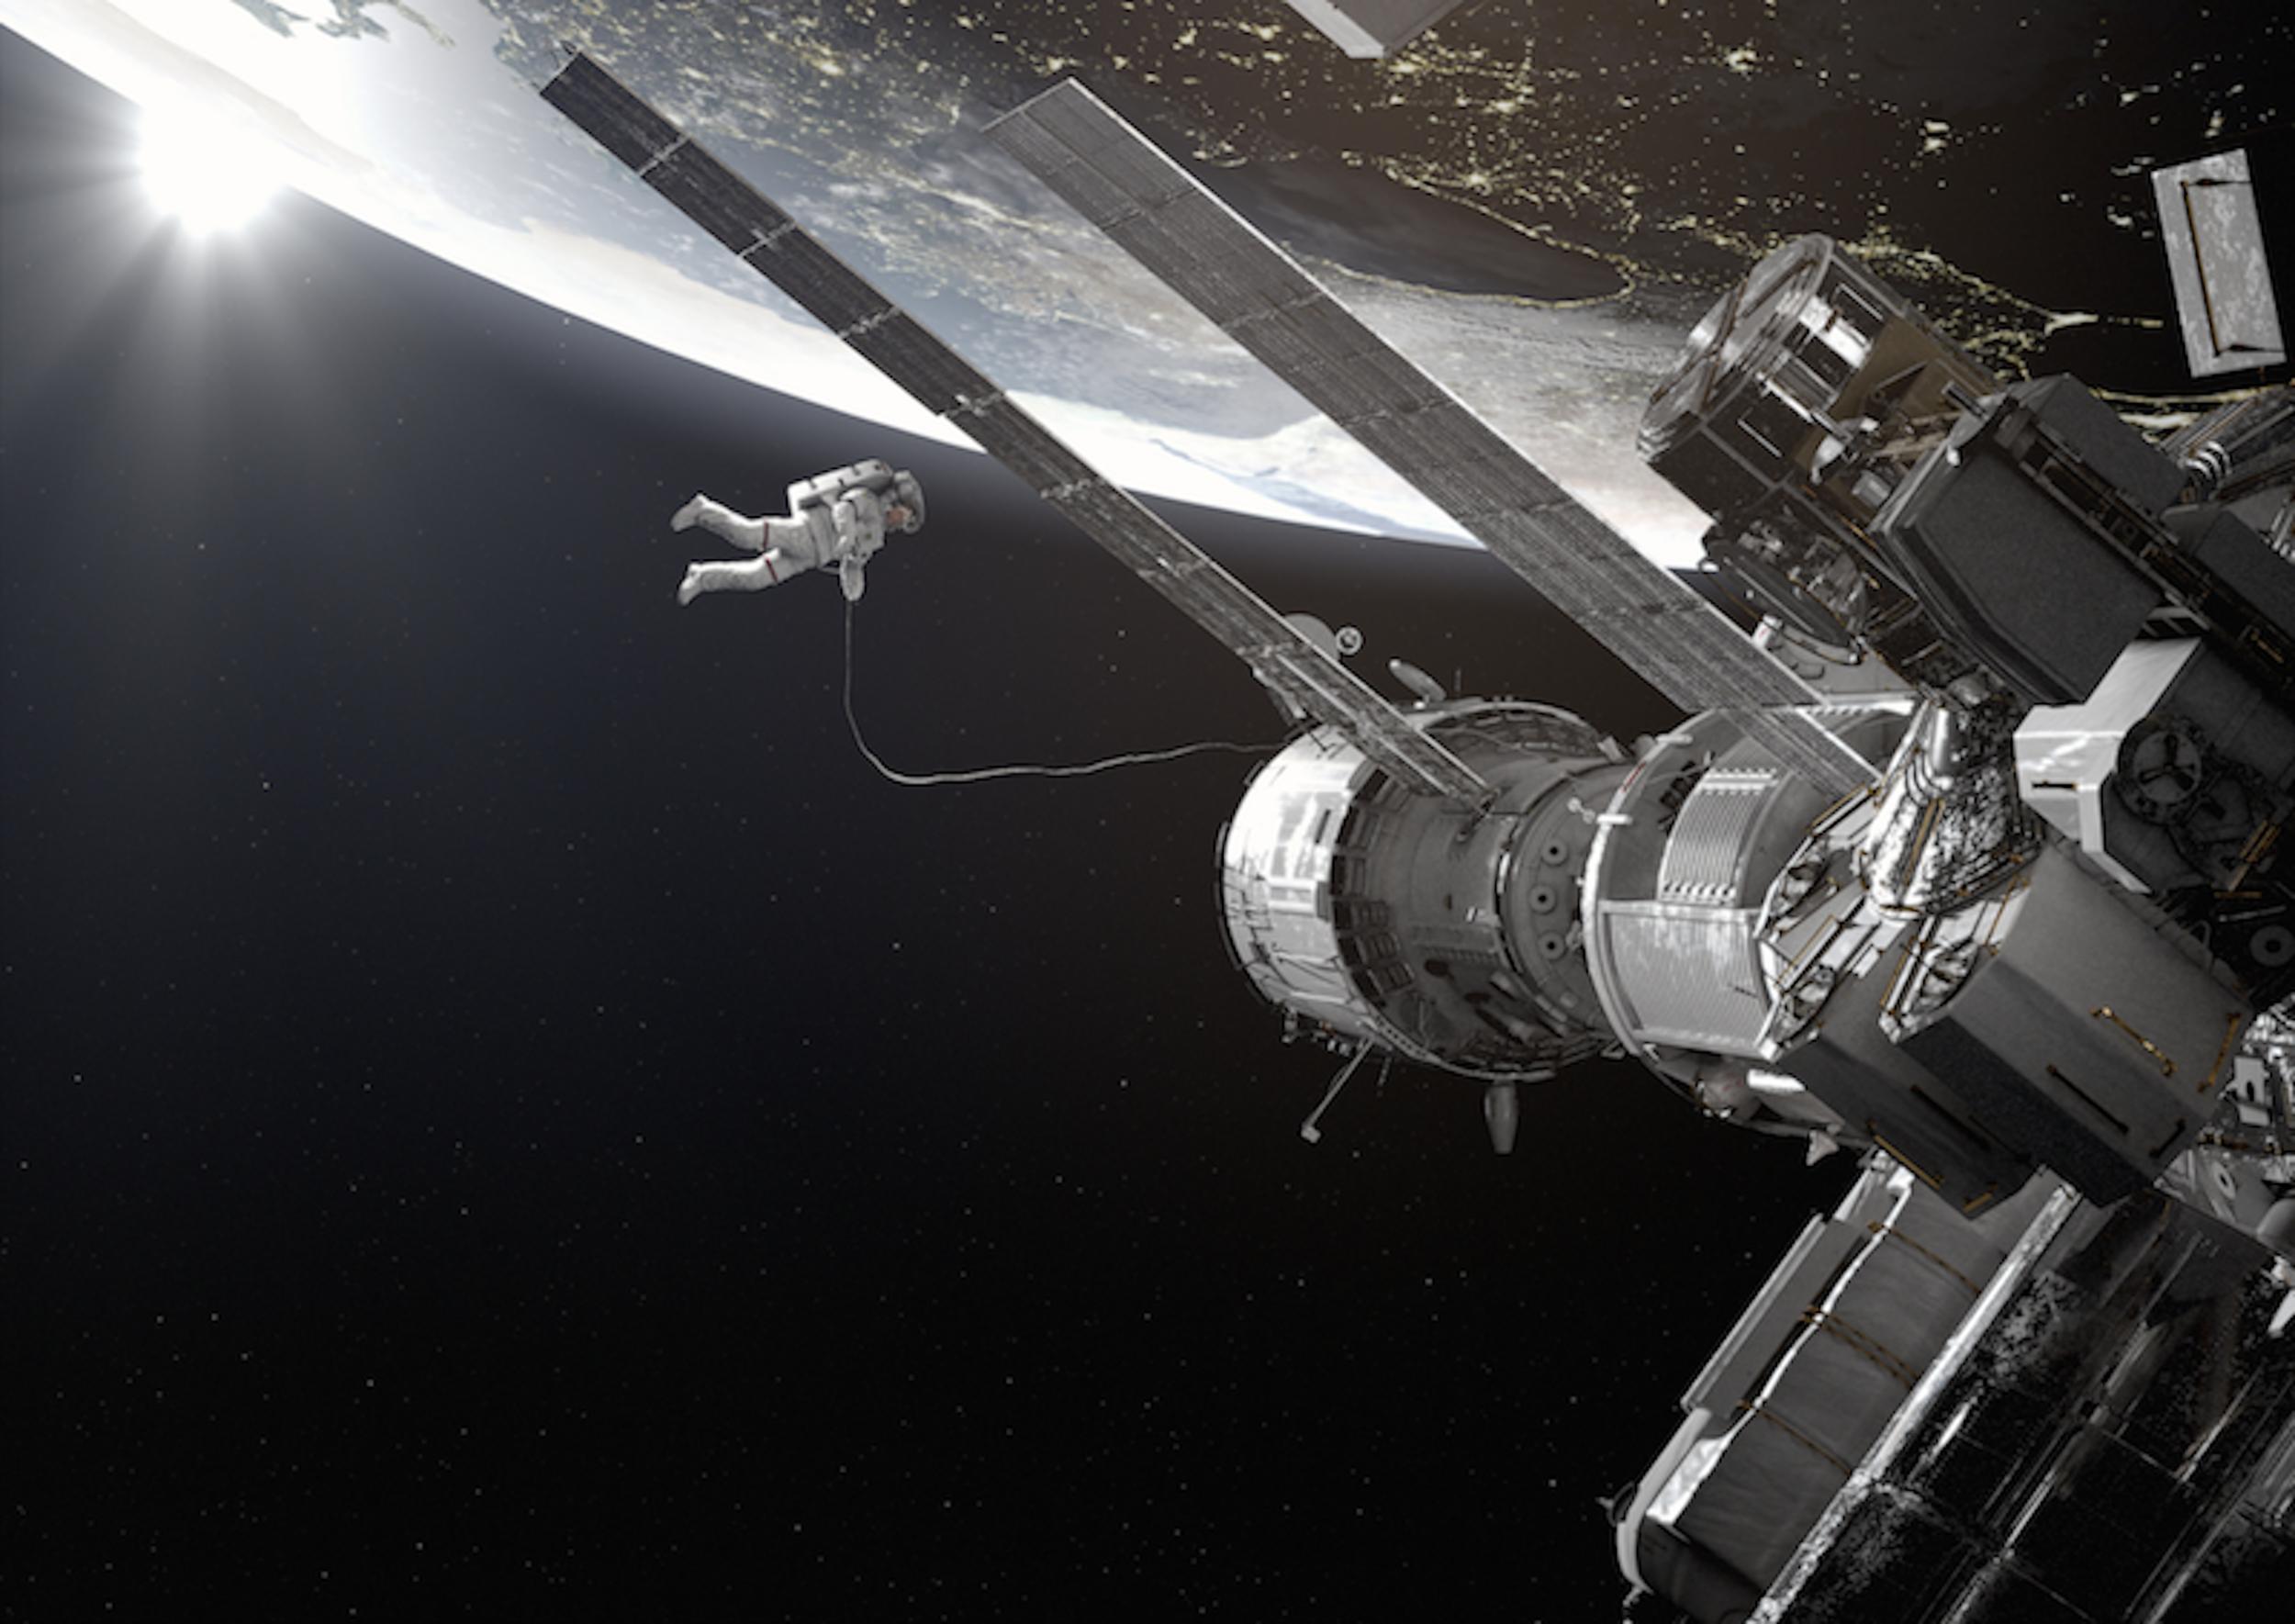 Den 15 minuter långa produktionen  Home: A VR Spacewalk  har kammat hem många priser. Publiken får sätta sig i en specialdesignad fåtölj som simulerar vibrationerna som uppstår när kroppen rör sig under en rymdpromenad.